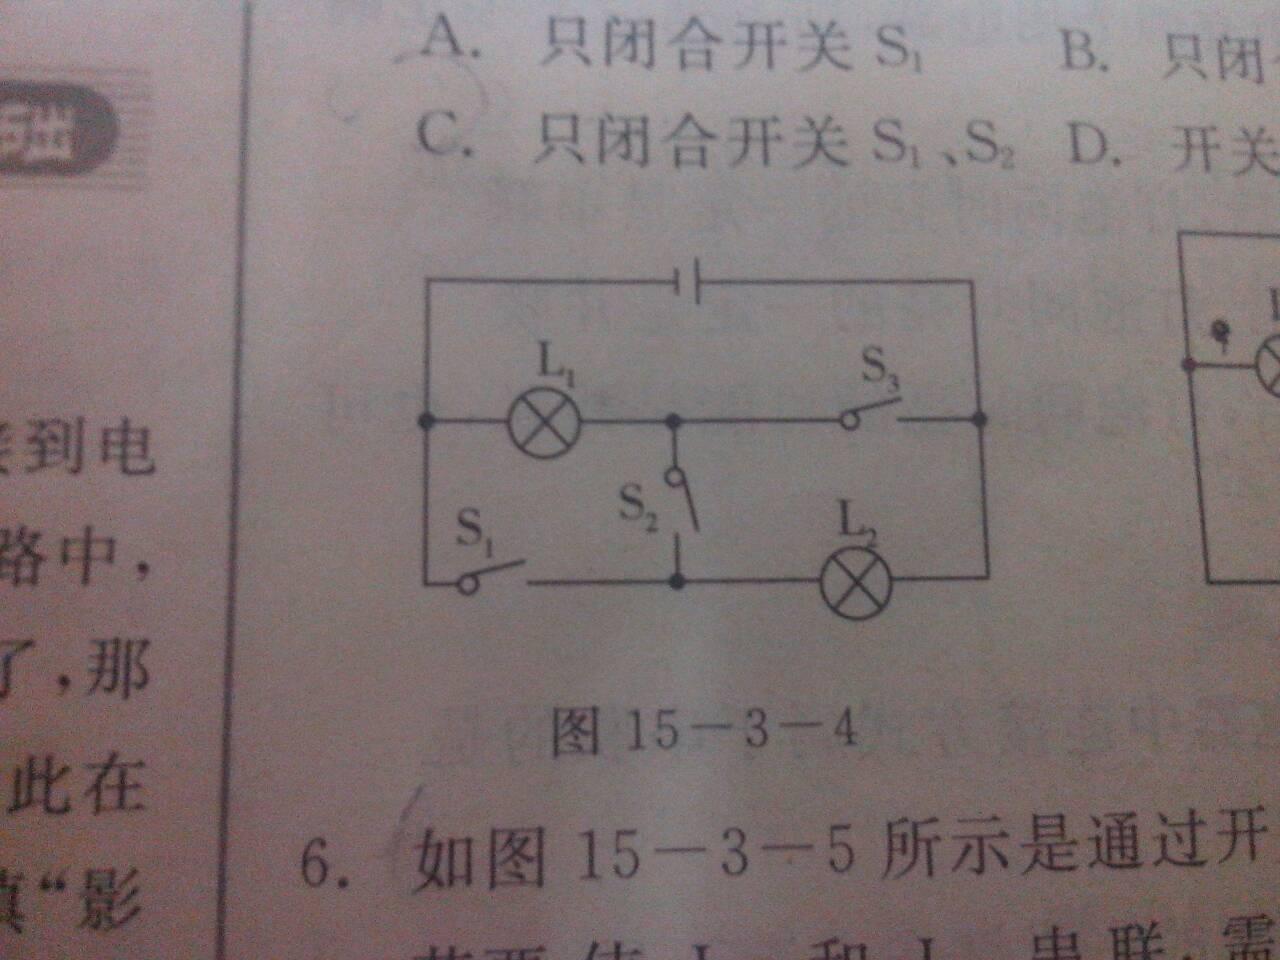 电路图中这些点代表什么意思